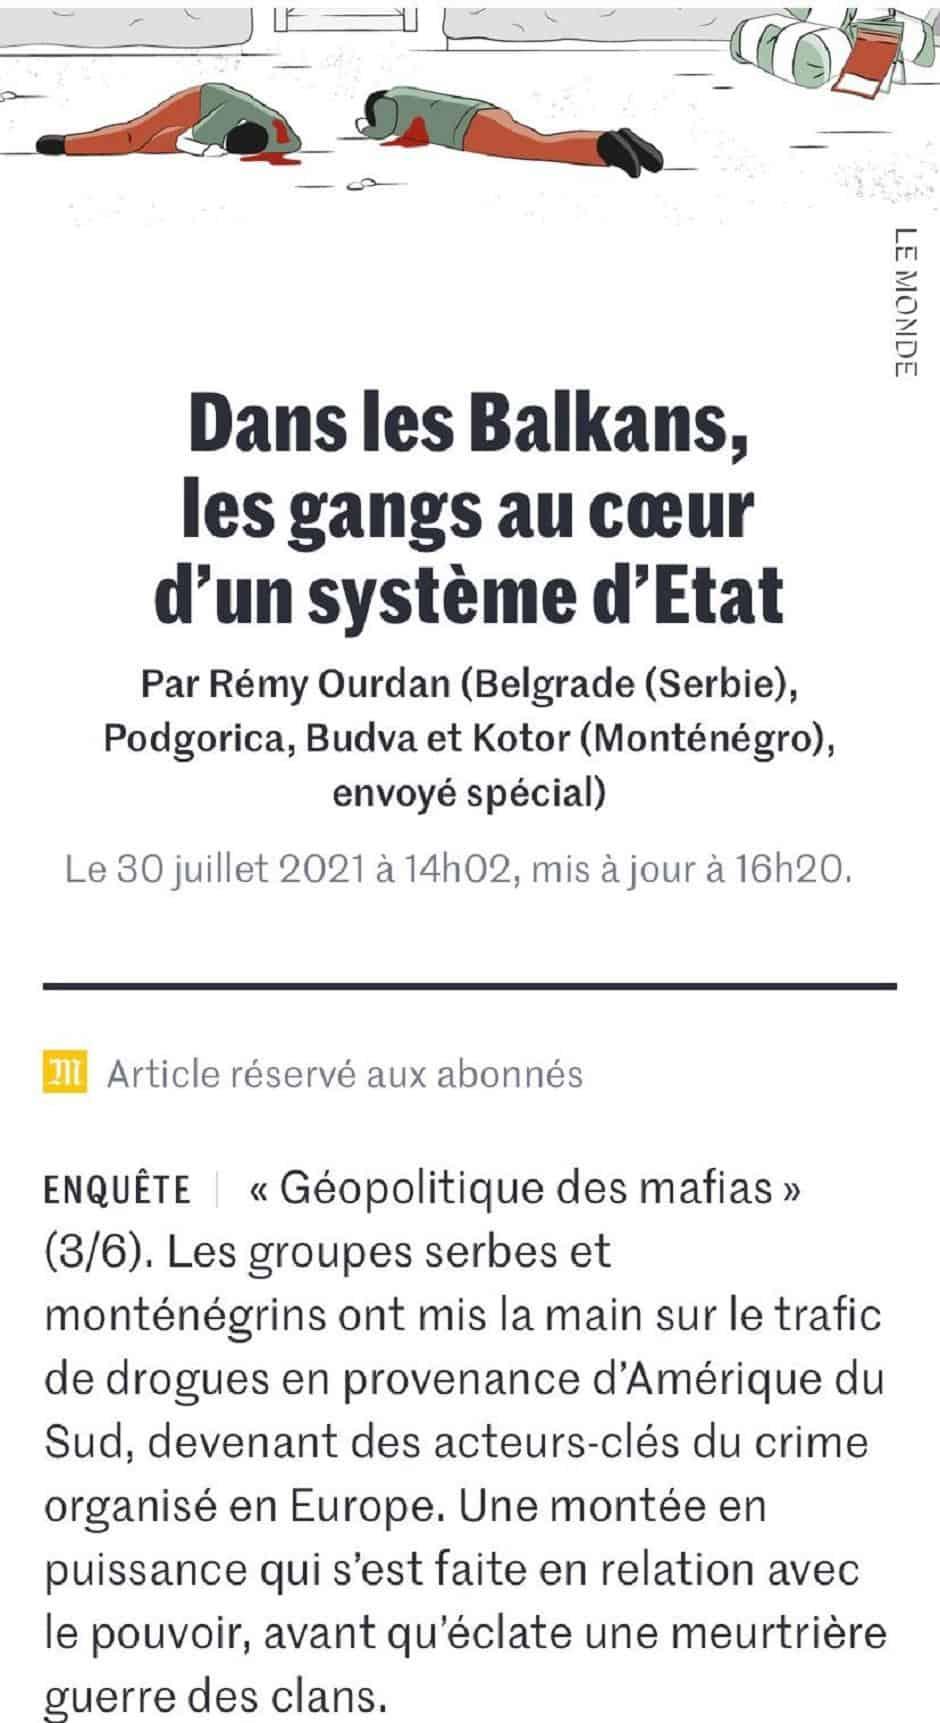 Француски медији: Вучићеве и Милове везе са организованим криминалом и нарко мафијом!